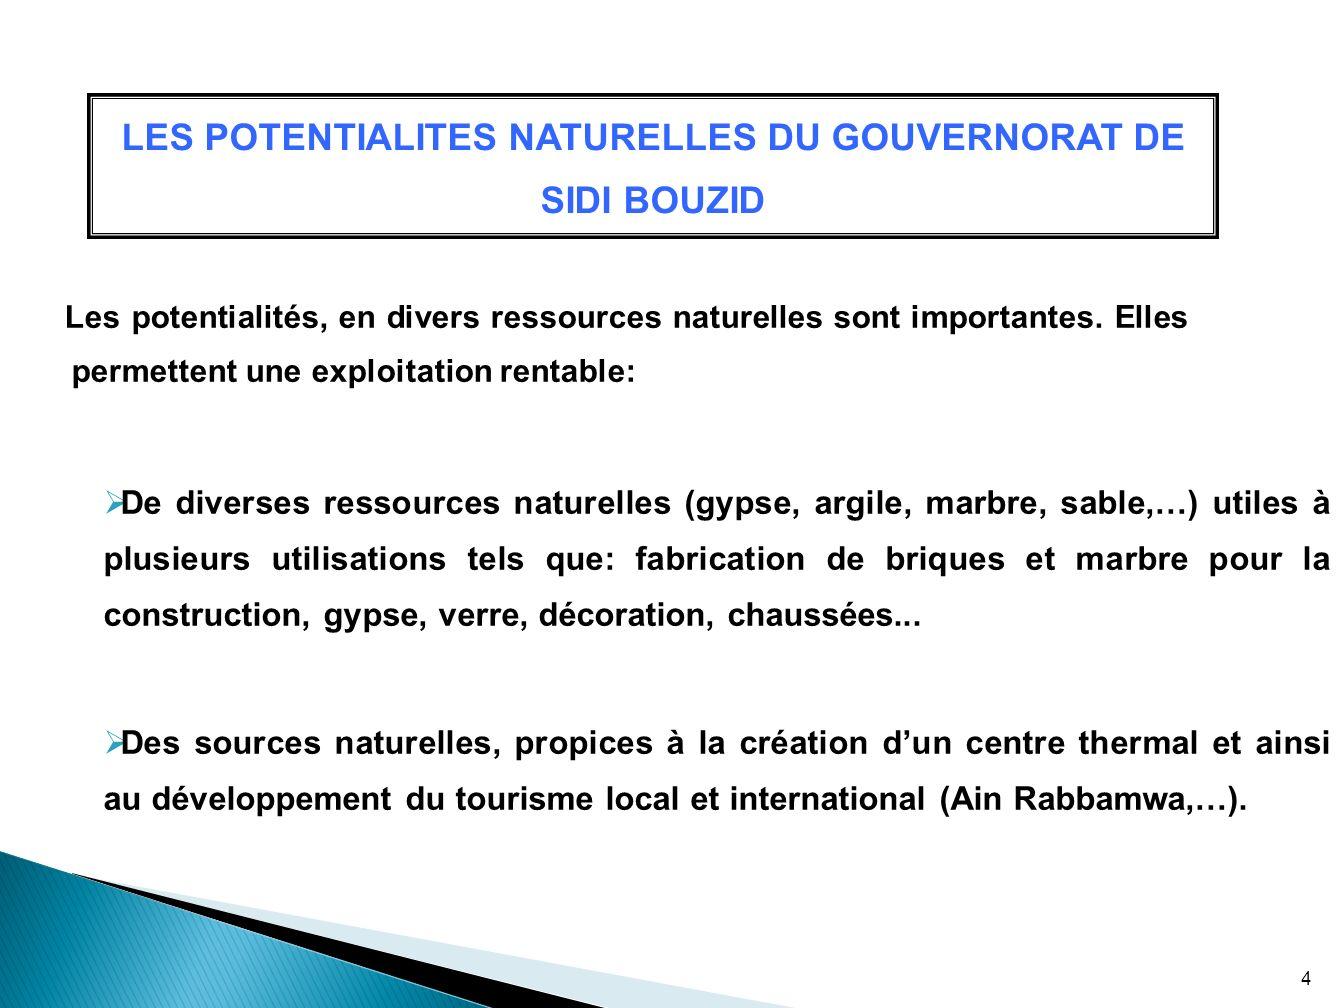 LES POTENTIALITES NATURELLES DU GOUVERNORAT DE SIDI BOUZID Les potentialités, en divers ressources naturelles sont importantes. Elles permettent une e